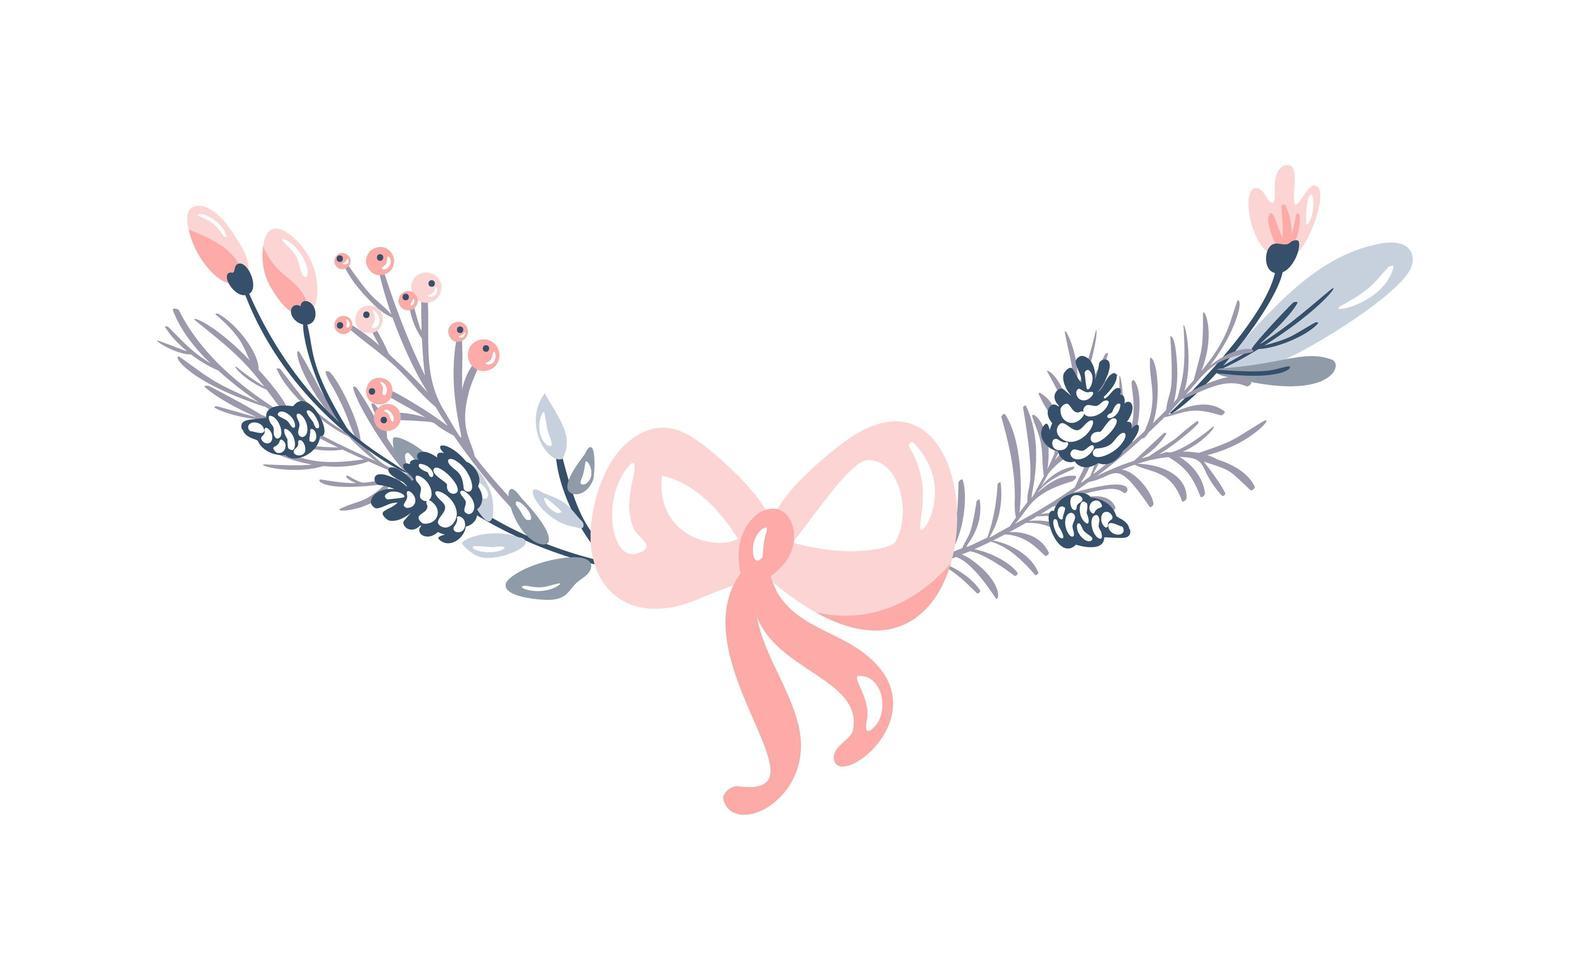 kersttakken decoratie vector